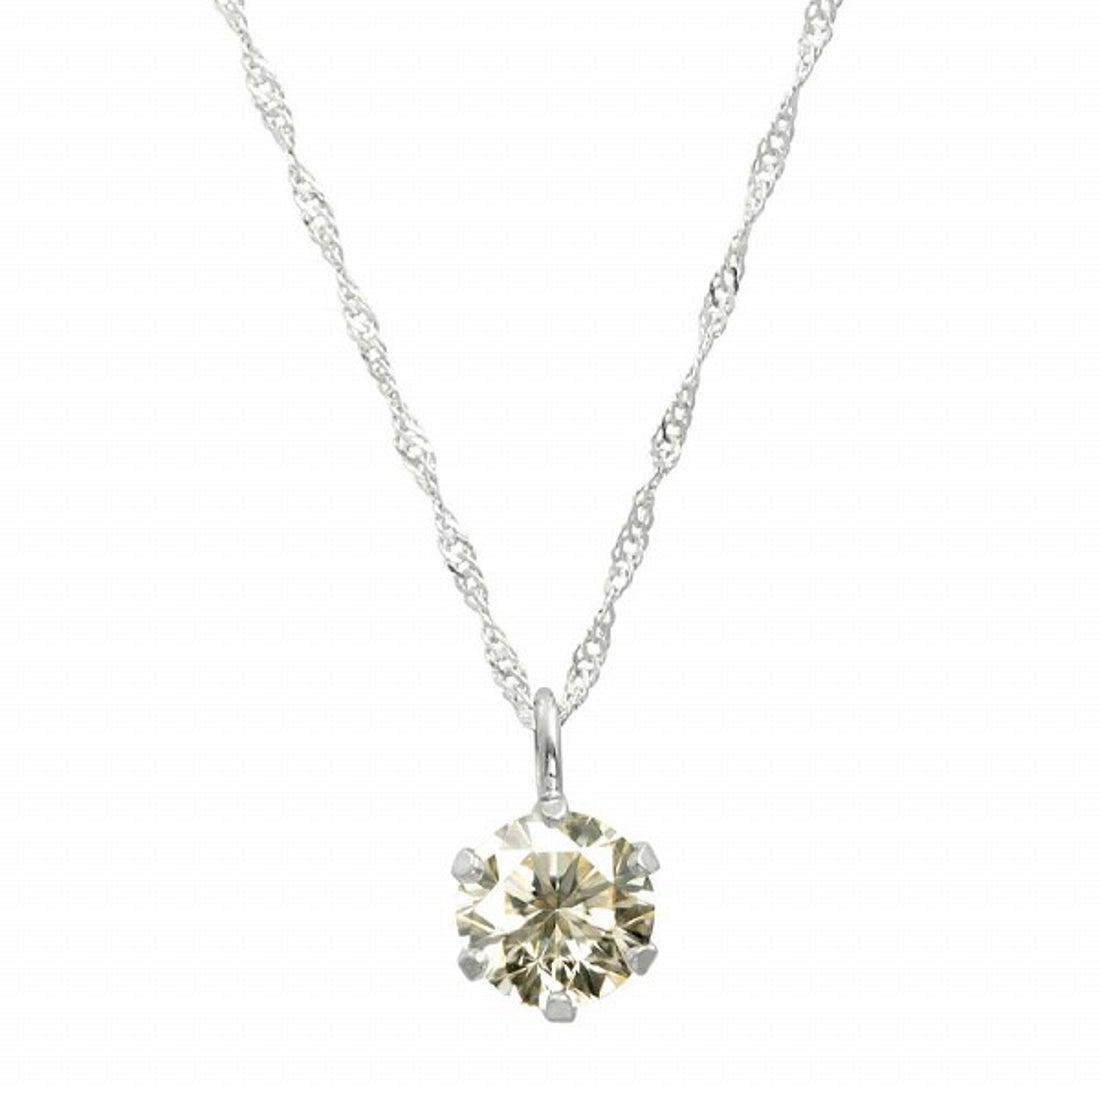 ジュエリーコレクション【ネット限定】K18ゴールド 天然ダイヤモンド 0.3ct SIクラス ネックレス 鑑定書付 【K18WG スクリュー42cm】【返品不可商品】